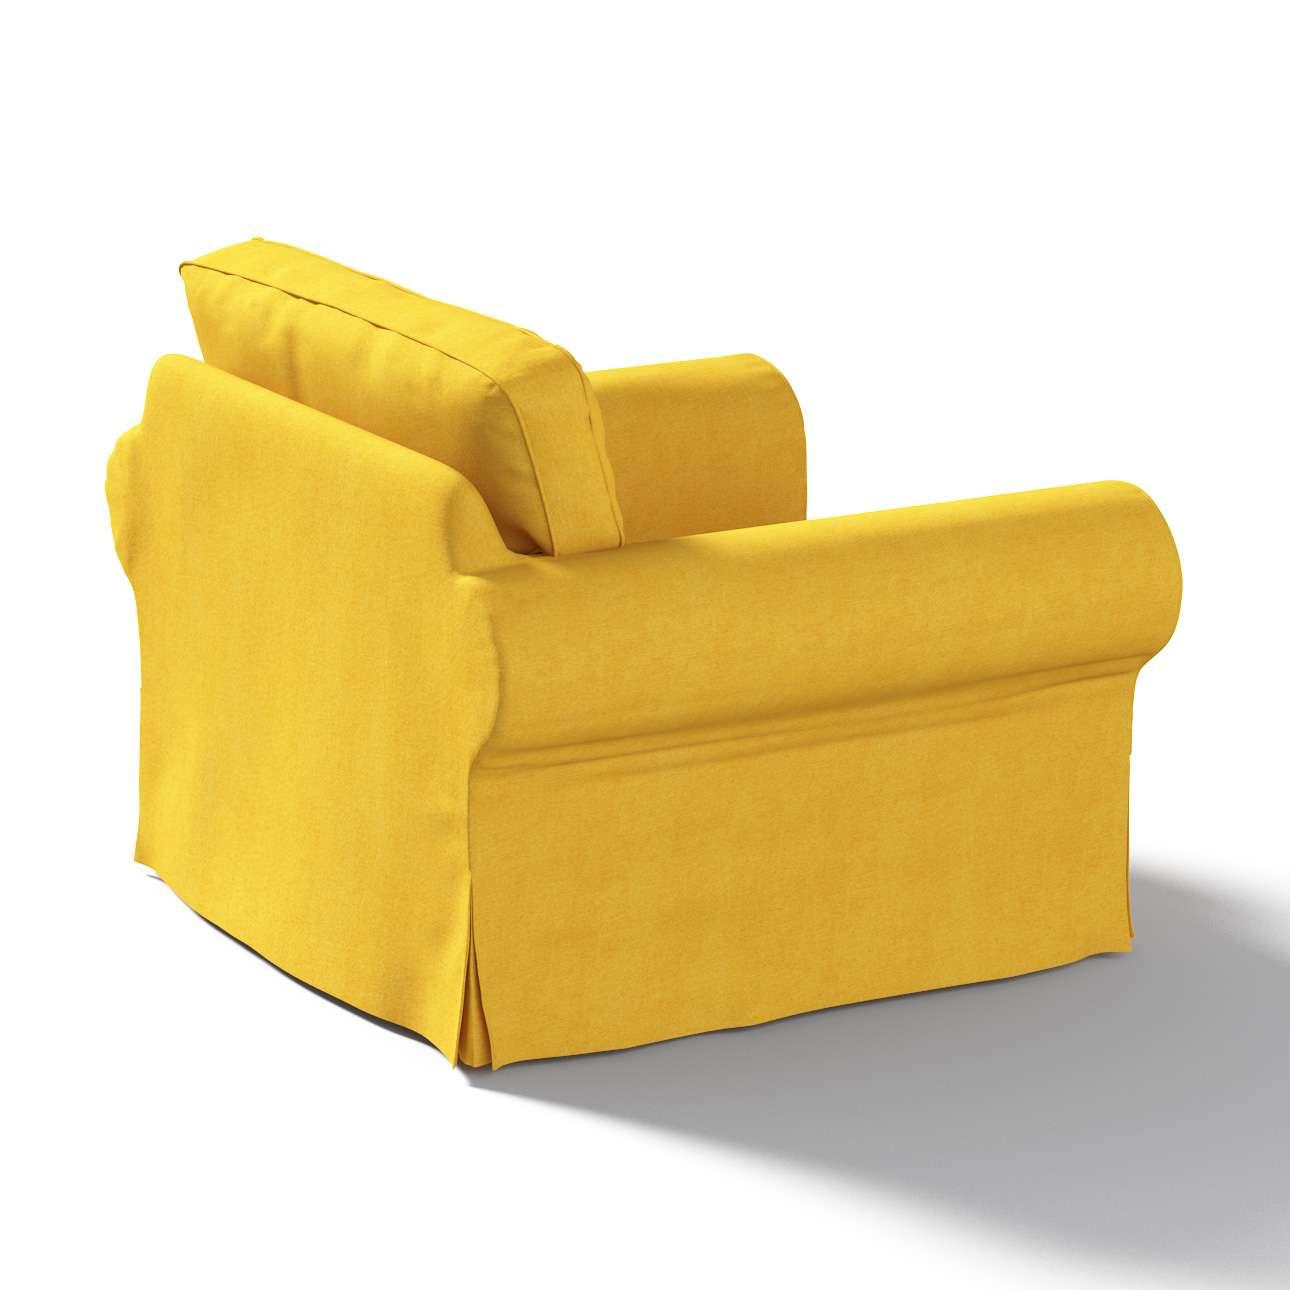 EKTORP fotelio užvalkalas Ektorp fotelio užvalkalas kolekcijoje Etna , audinys: 705-04